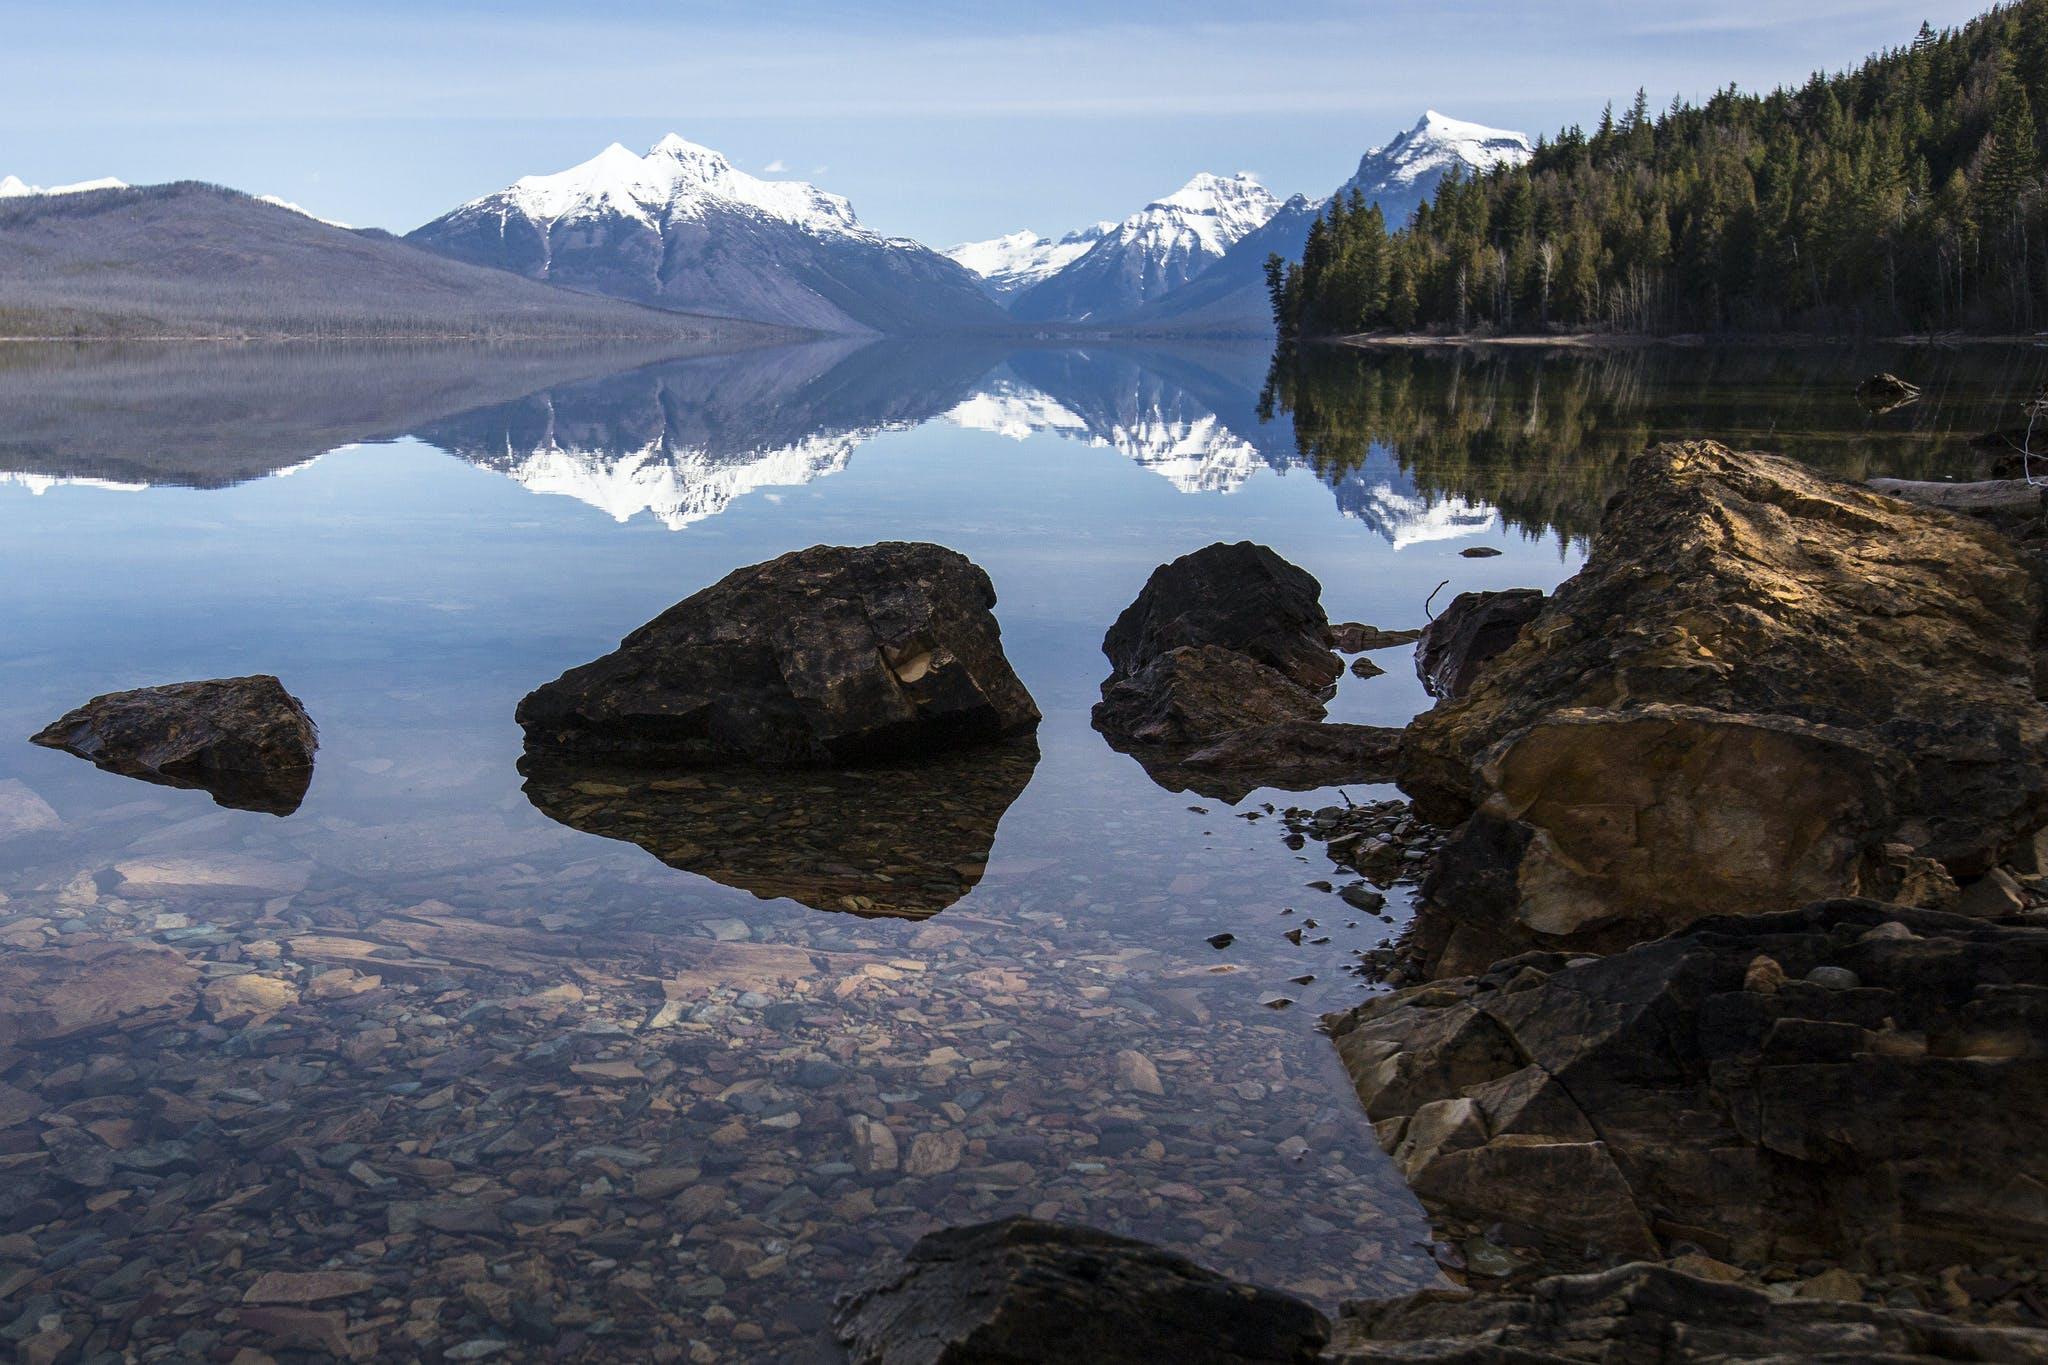 Lake McDonald in Glacier National Park